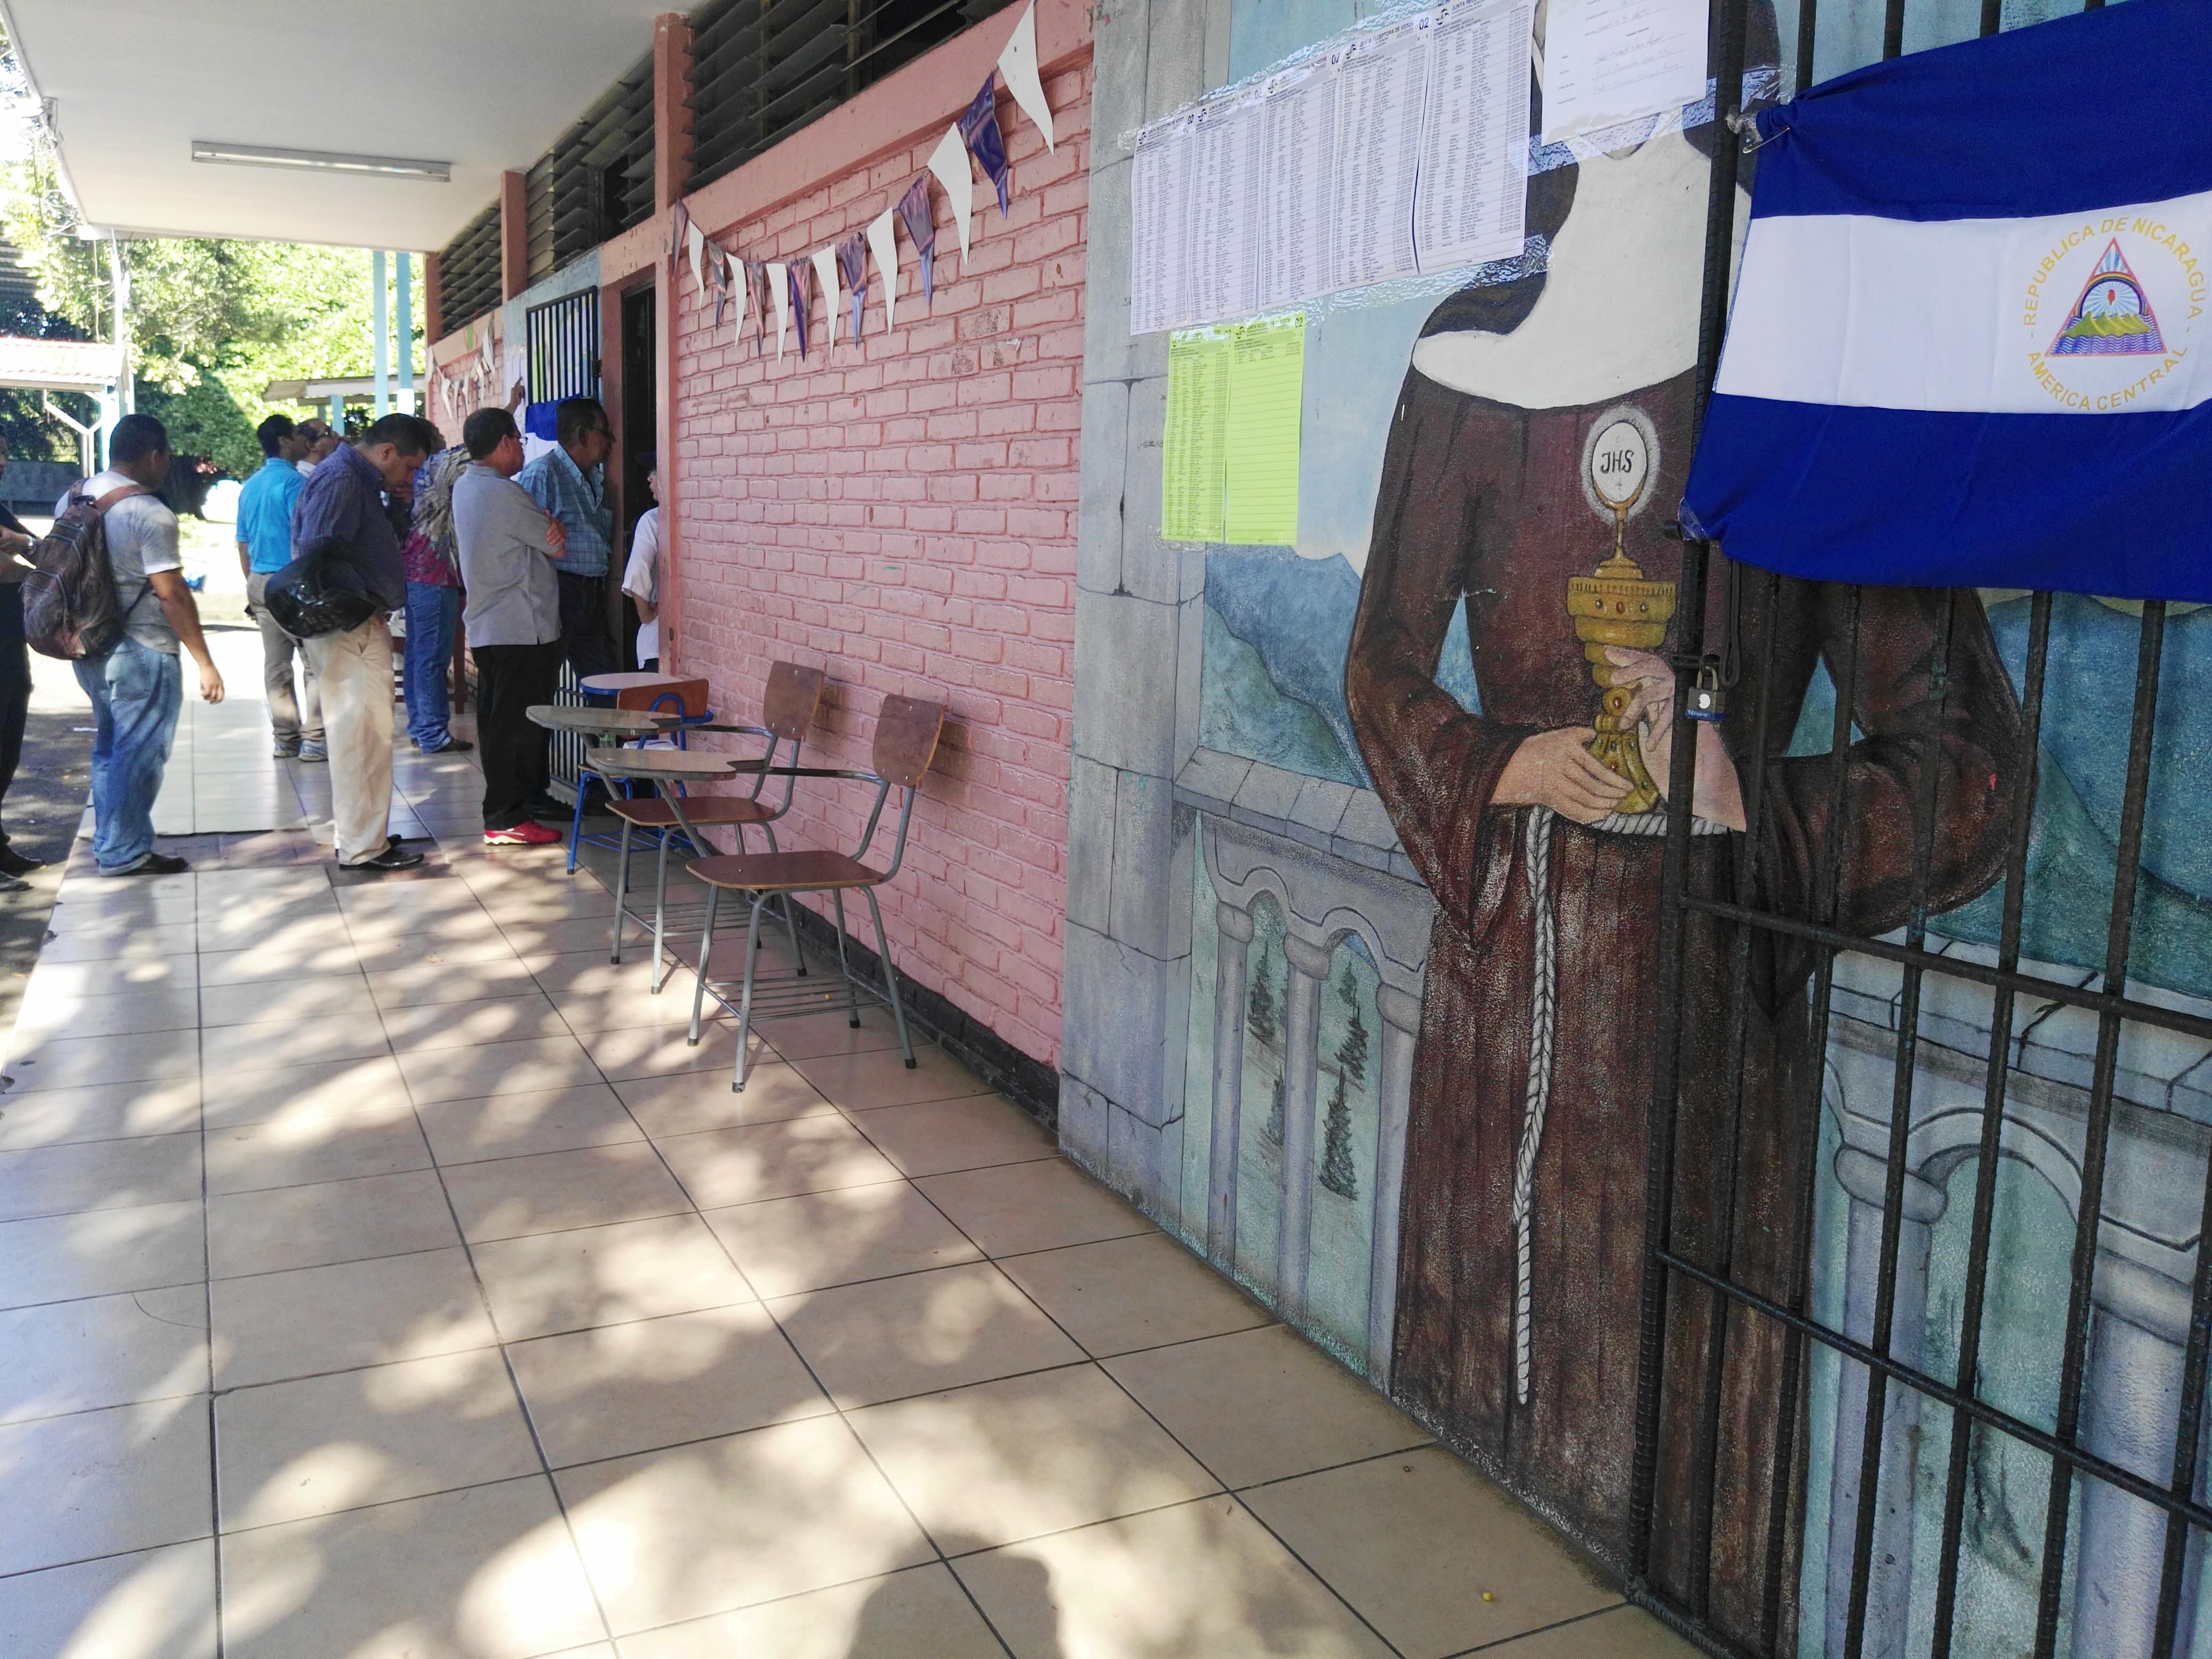 elecciones en nicaragua, Managua, colegio divino pastor